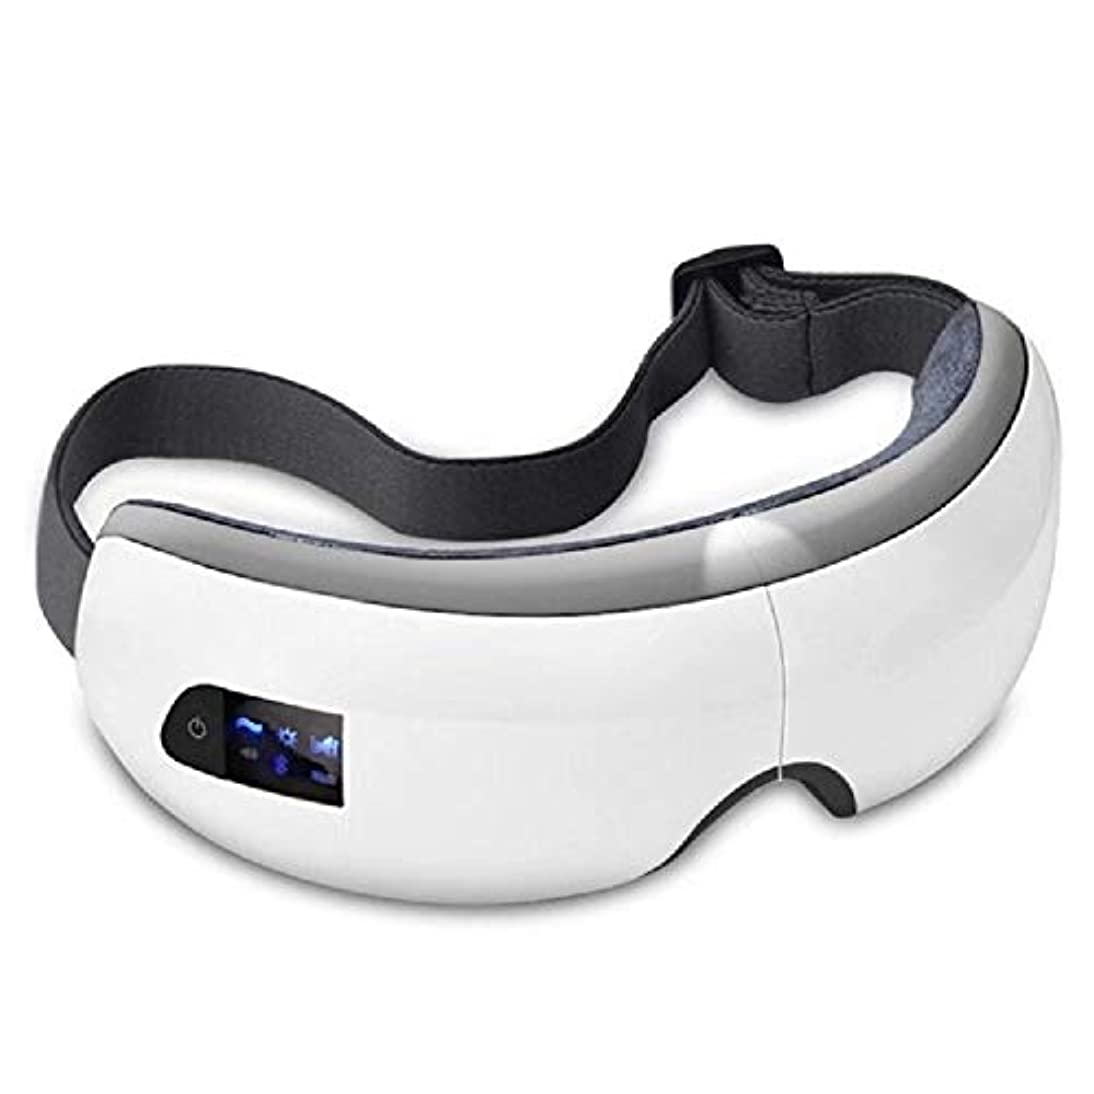 連鎖議題ハドルRuzzy 流行の目のマッサージのSPAの器械、熱療法が付いている電気アイマッサージャー 購入へようこそ